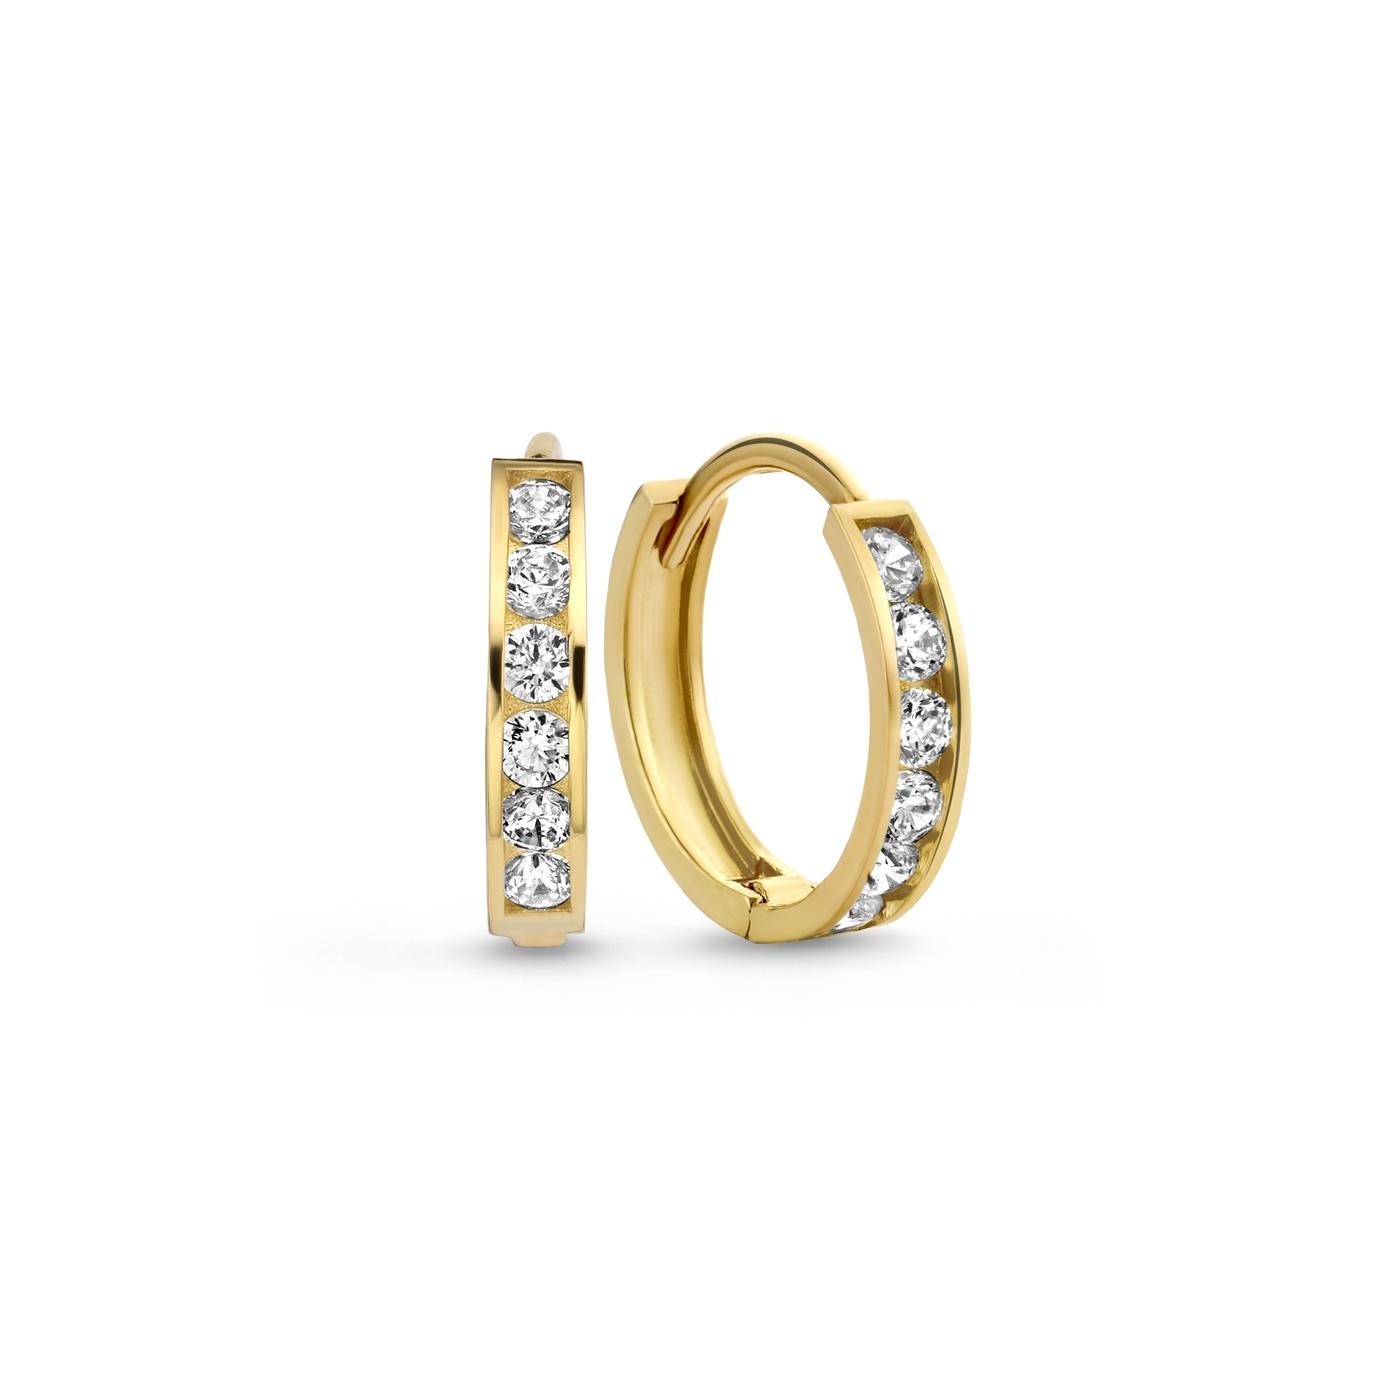 Isabel Bernard Le Marais Tiphaine 14 carat gold creoles